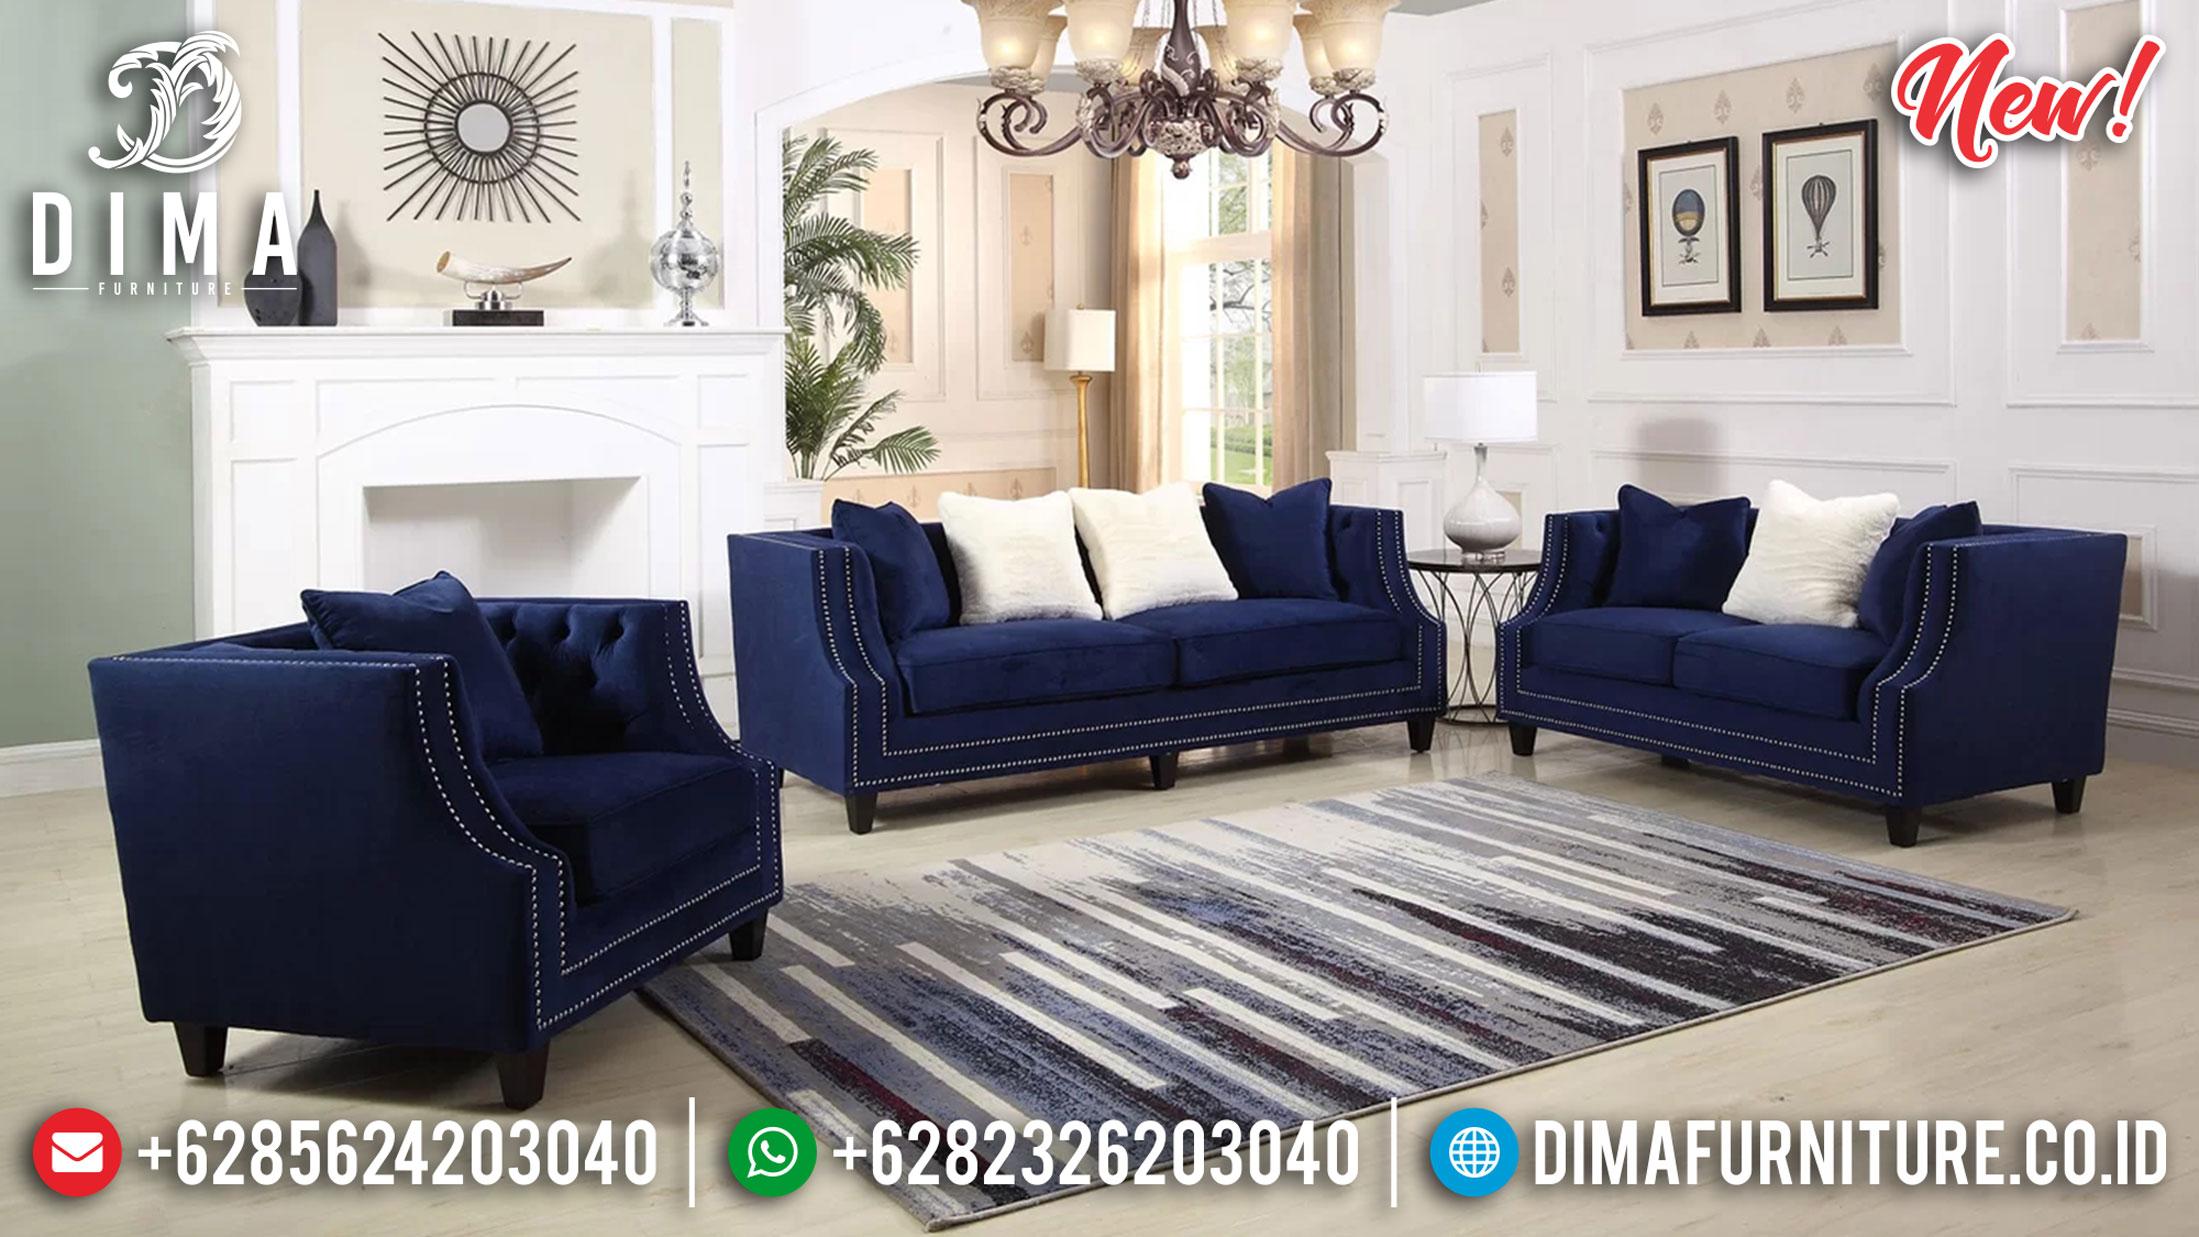 Sofa Tamu Minimalis Furniture Jepara Luxury Classic Design Interior Inspiring TTJ-1272